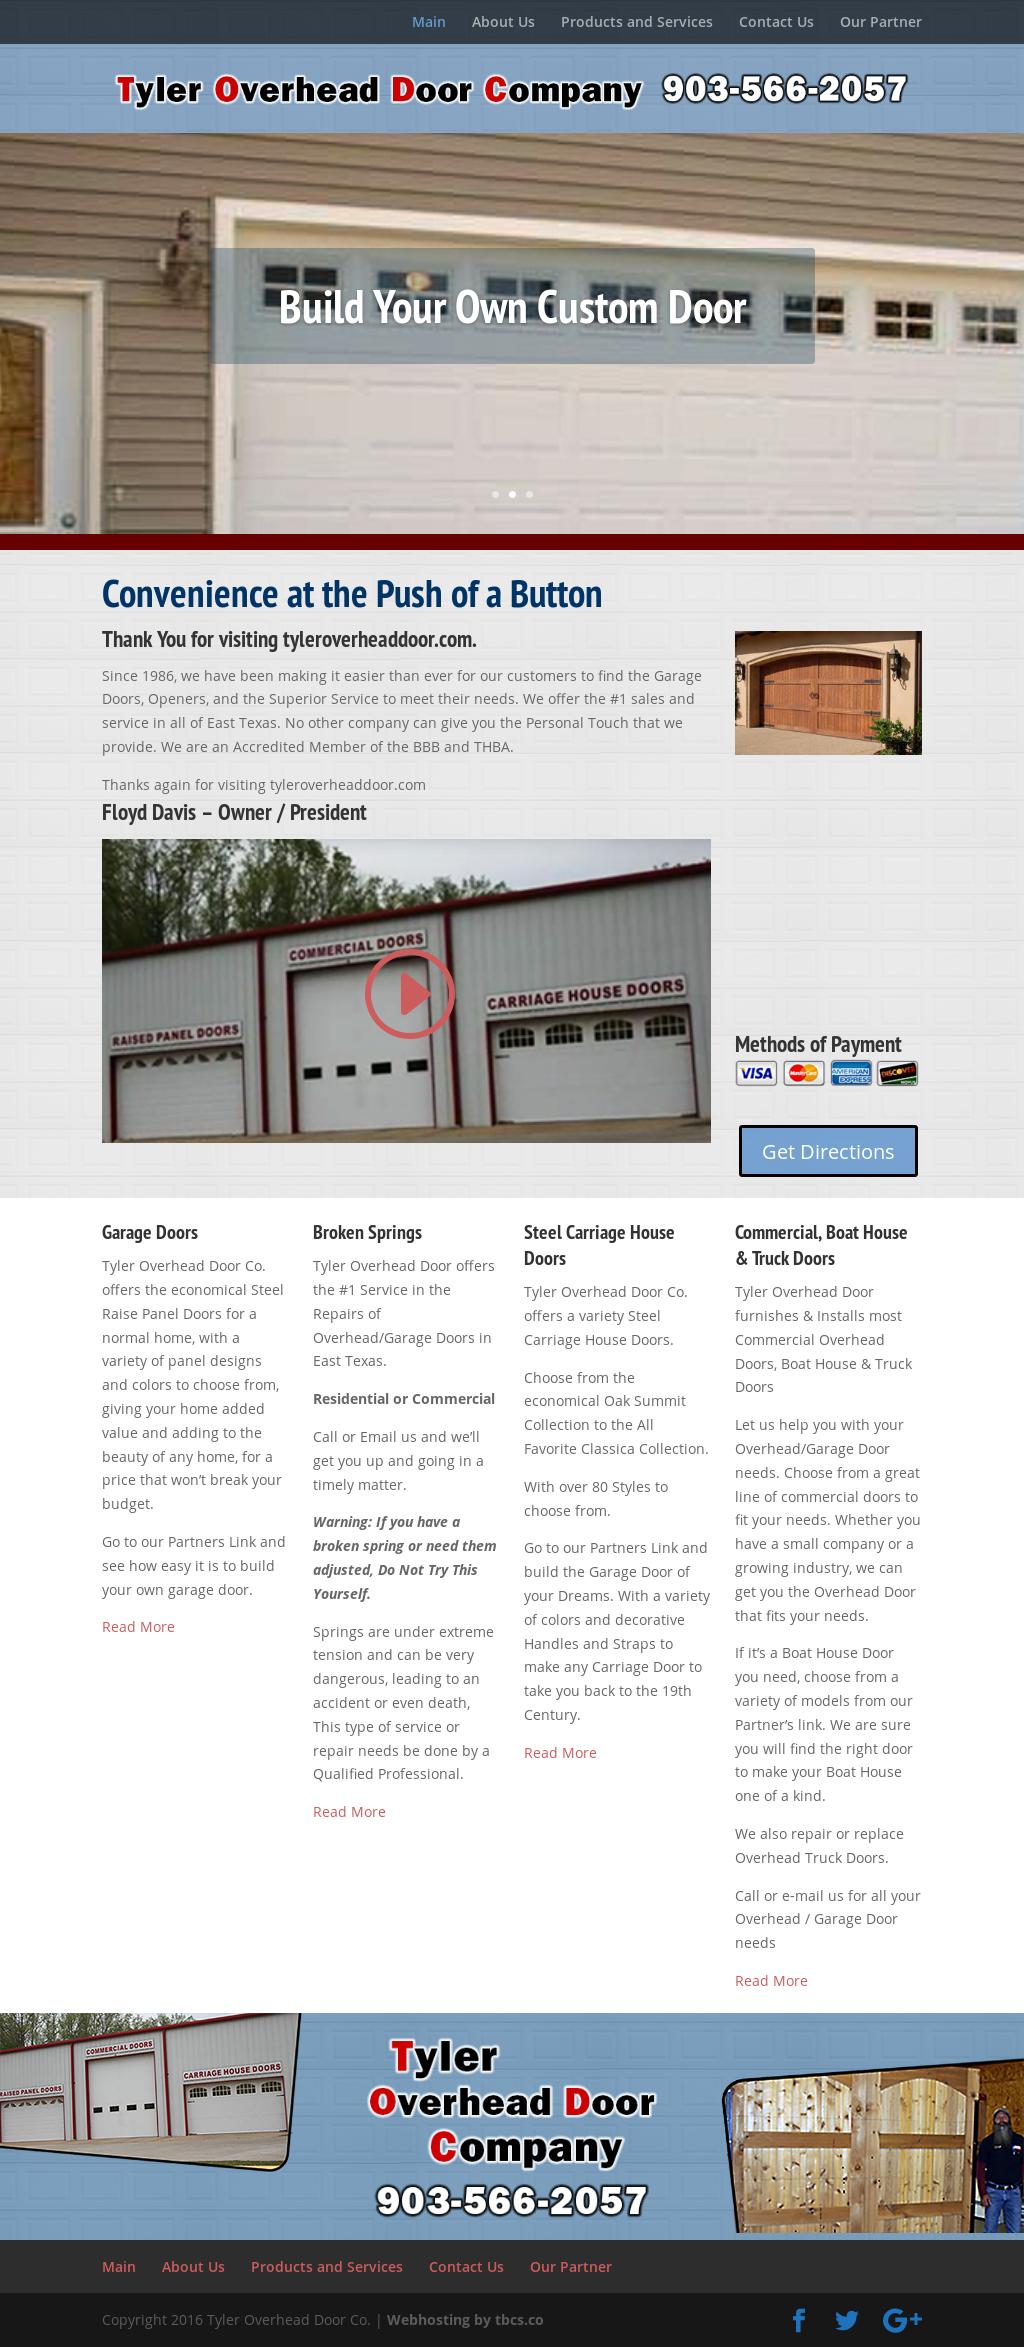 Tyler Overhead Door Company Website History